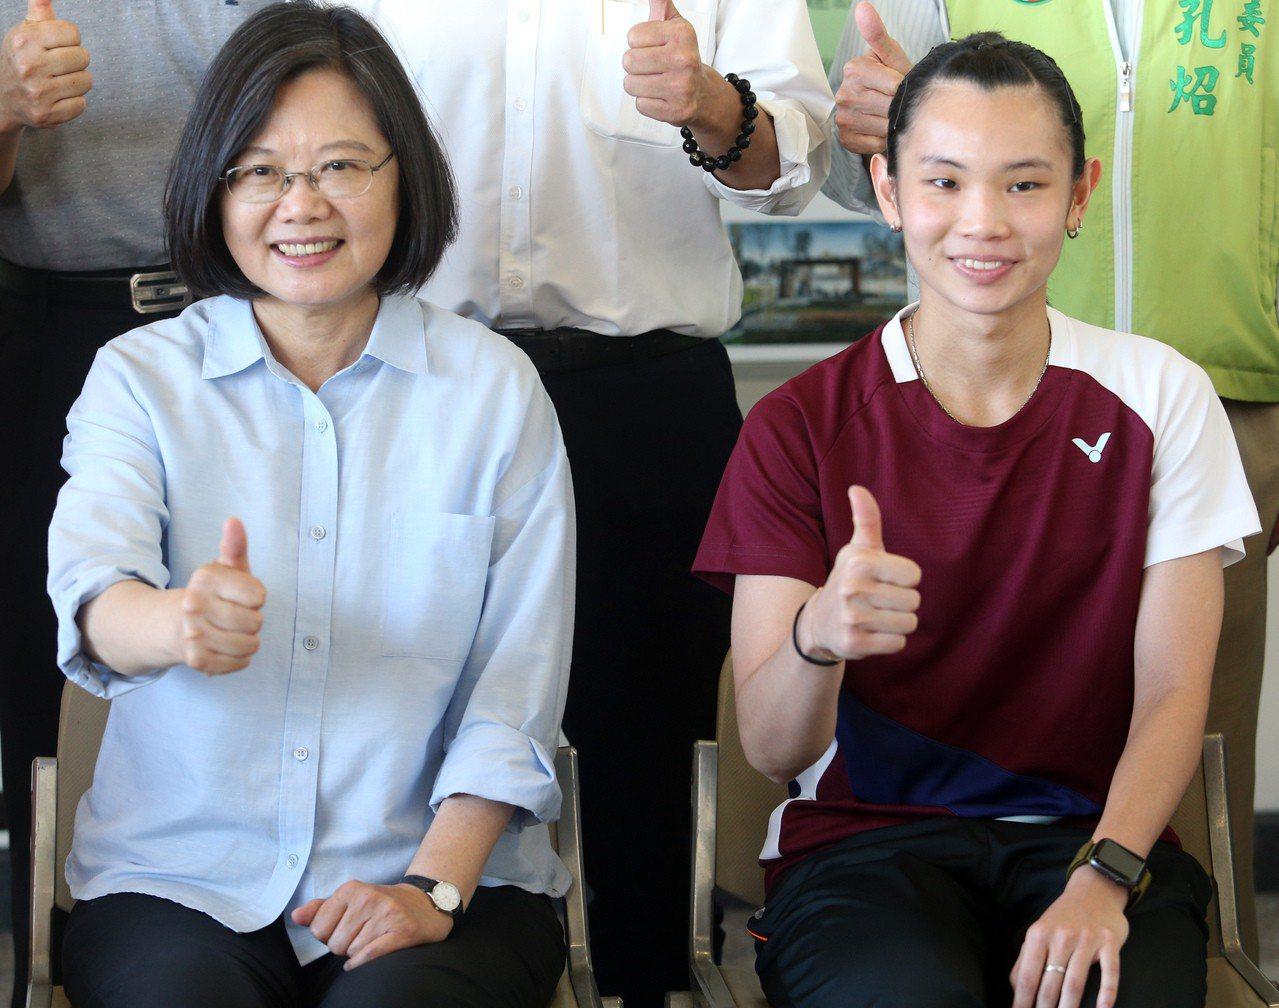 總統蔡英文(左)與羽球國手戴資穎(右)合影。記者劉學聖/攝影